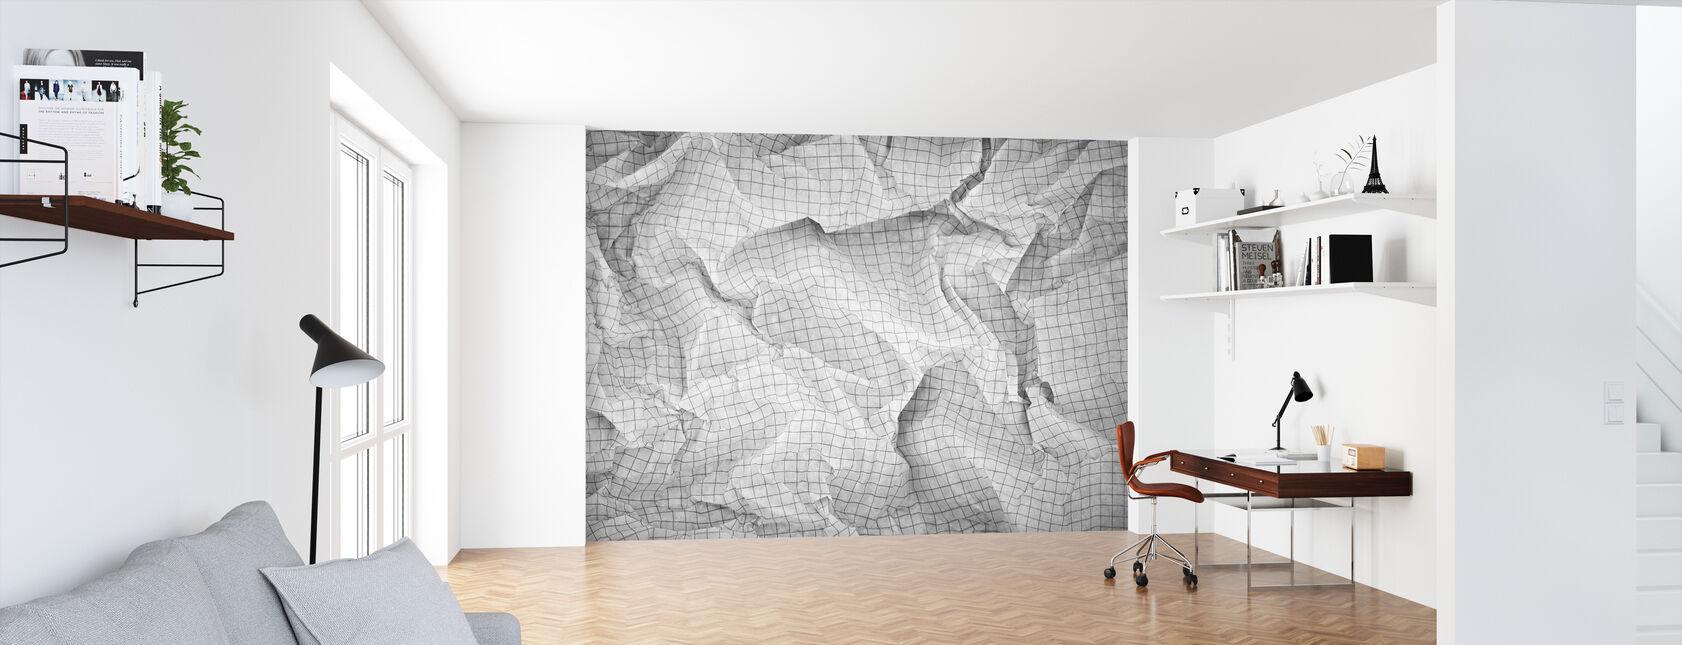 Skrynkligt fyrkantigt papper - Tapet - Kontor